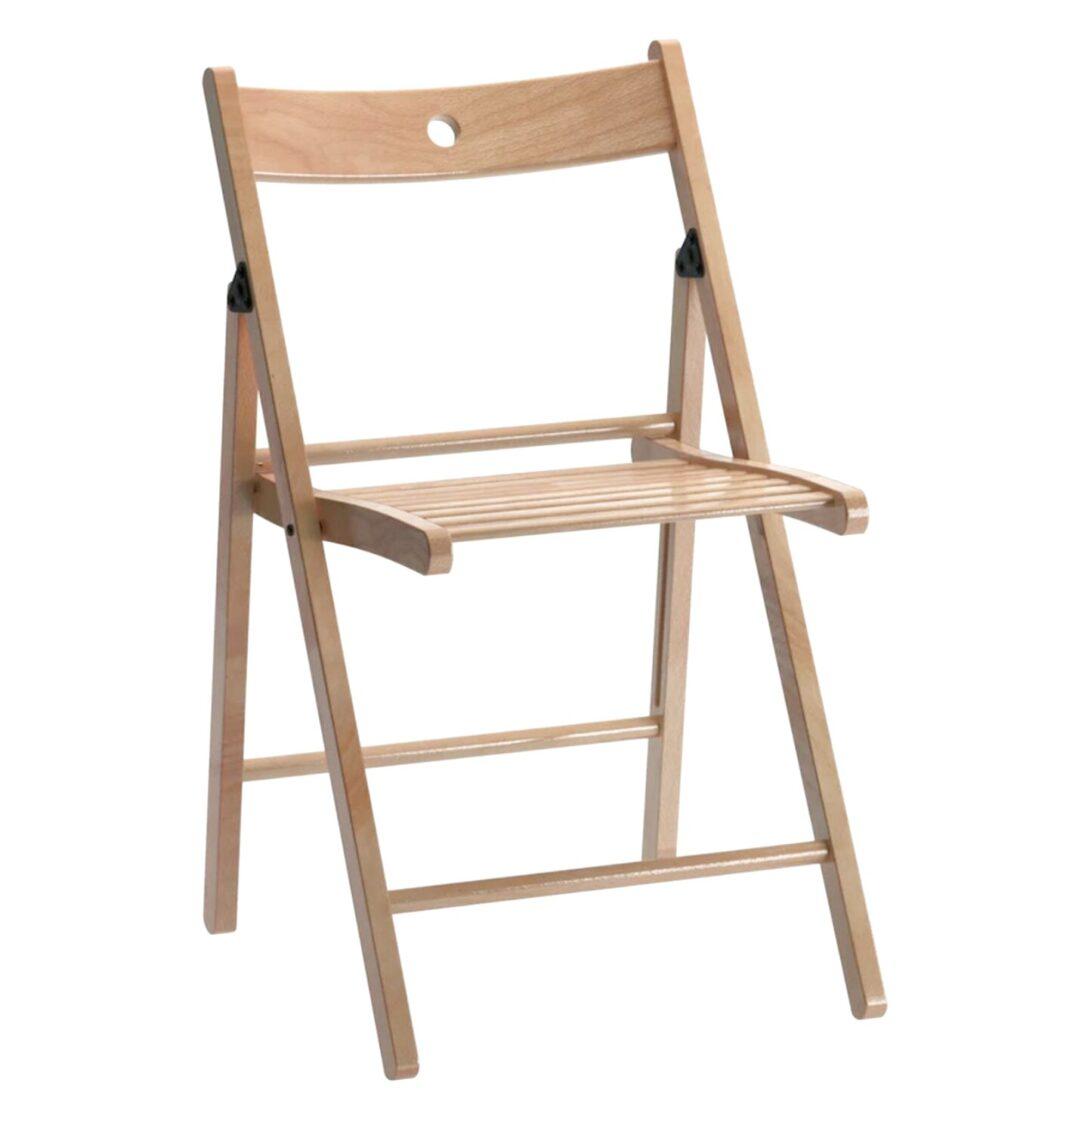 Large Size of Liegestuhl Klappbar Holz Ikea Klappstuhl Gebraucht Kaufen Nur 3 St Bis 65 Gnstiger Miniküche Sofa Mit Schlaffunktion Küche Kosten Ausklappbares Bett Wohnzimmer Liegestuhl Klappbar Ikea